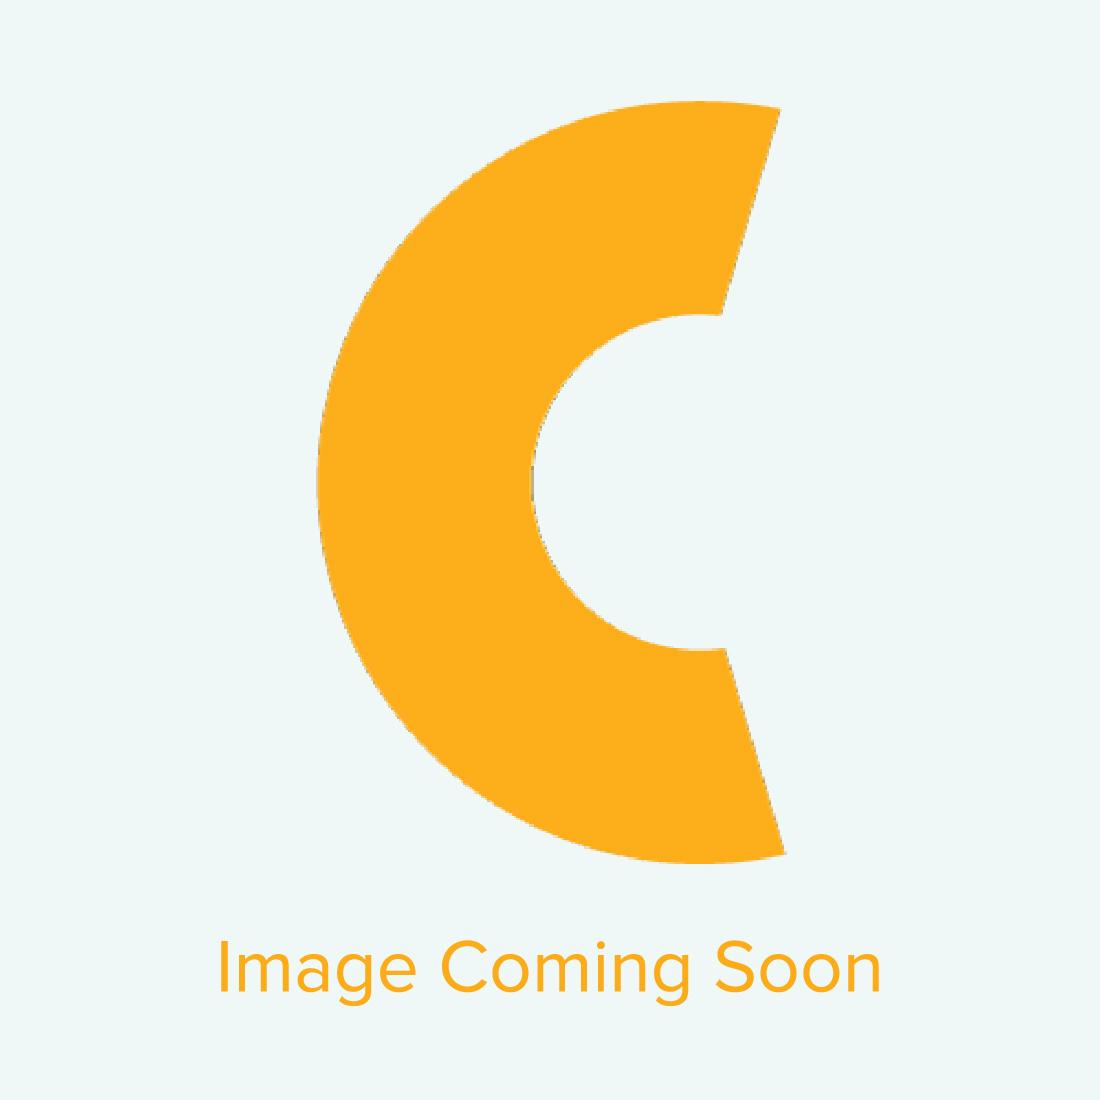 Graphtec CE6000-40 PLUS 15